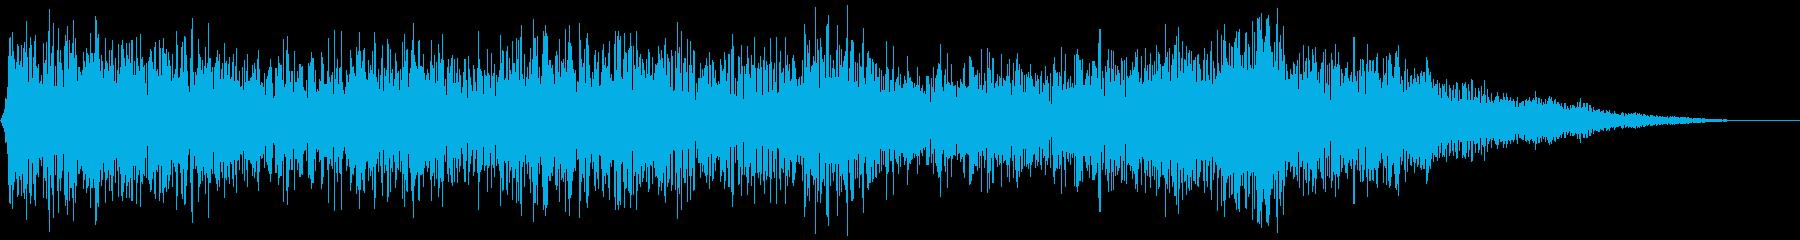 【ダークアンビエント】煙の中の再生済みの波形